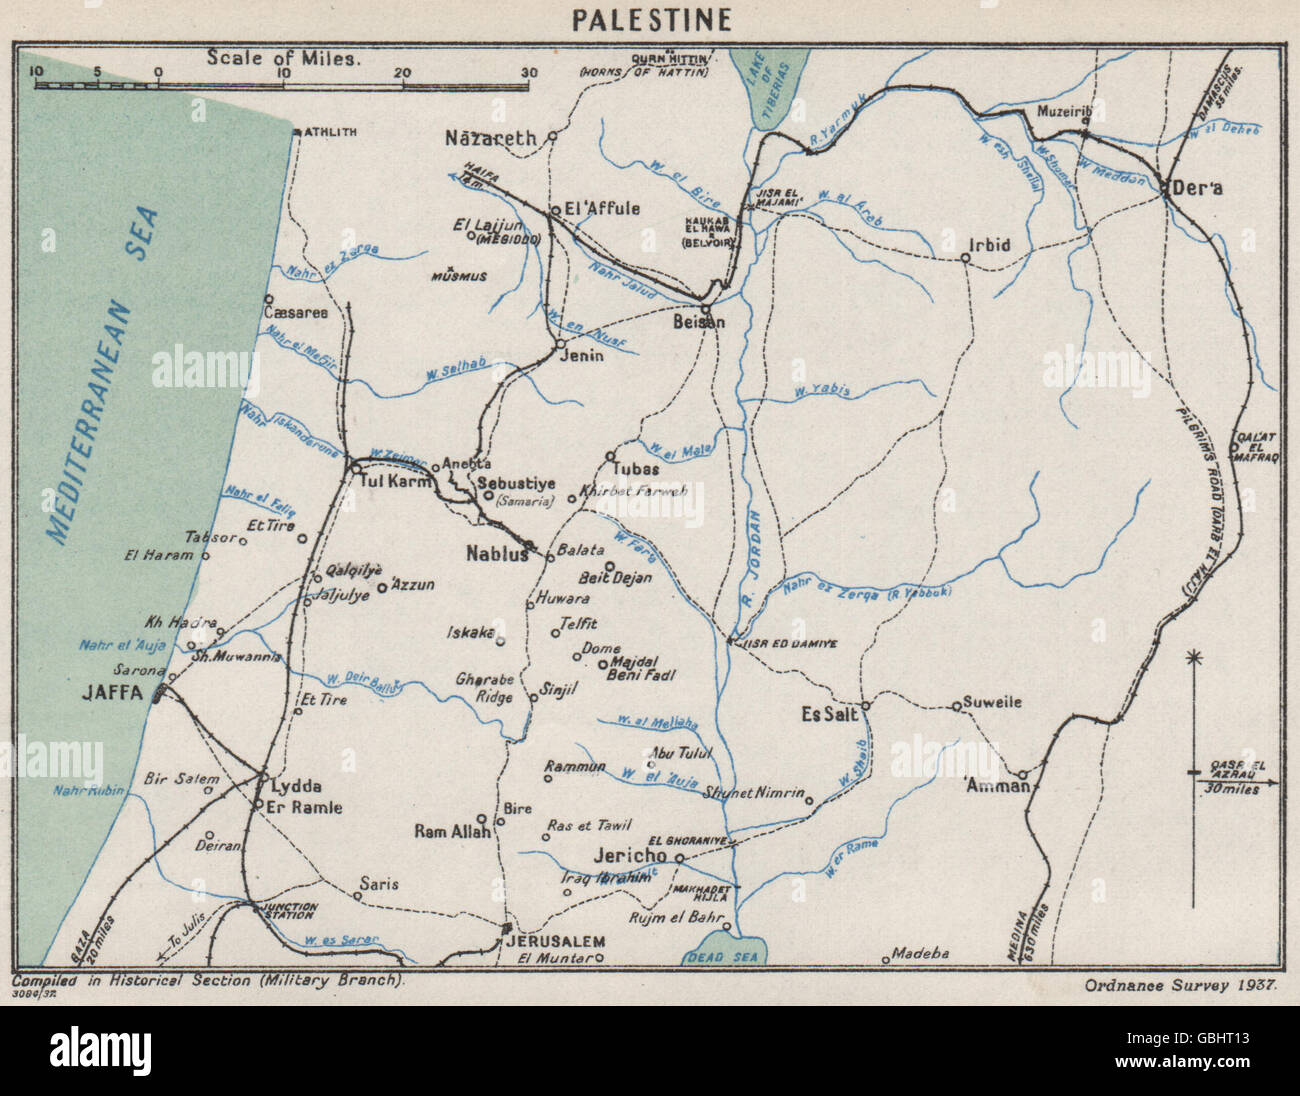 First world war palestine railways communications jaffa jerusalem first world war palestine railways communications jaffa jerusalem 1937 map gumiabroncs Choice Image